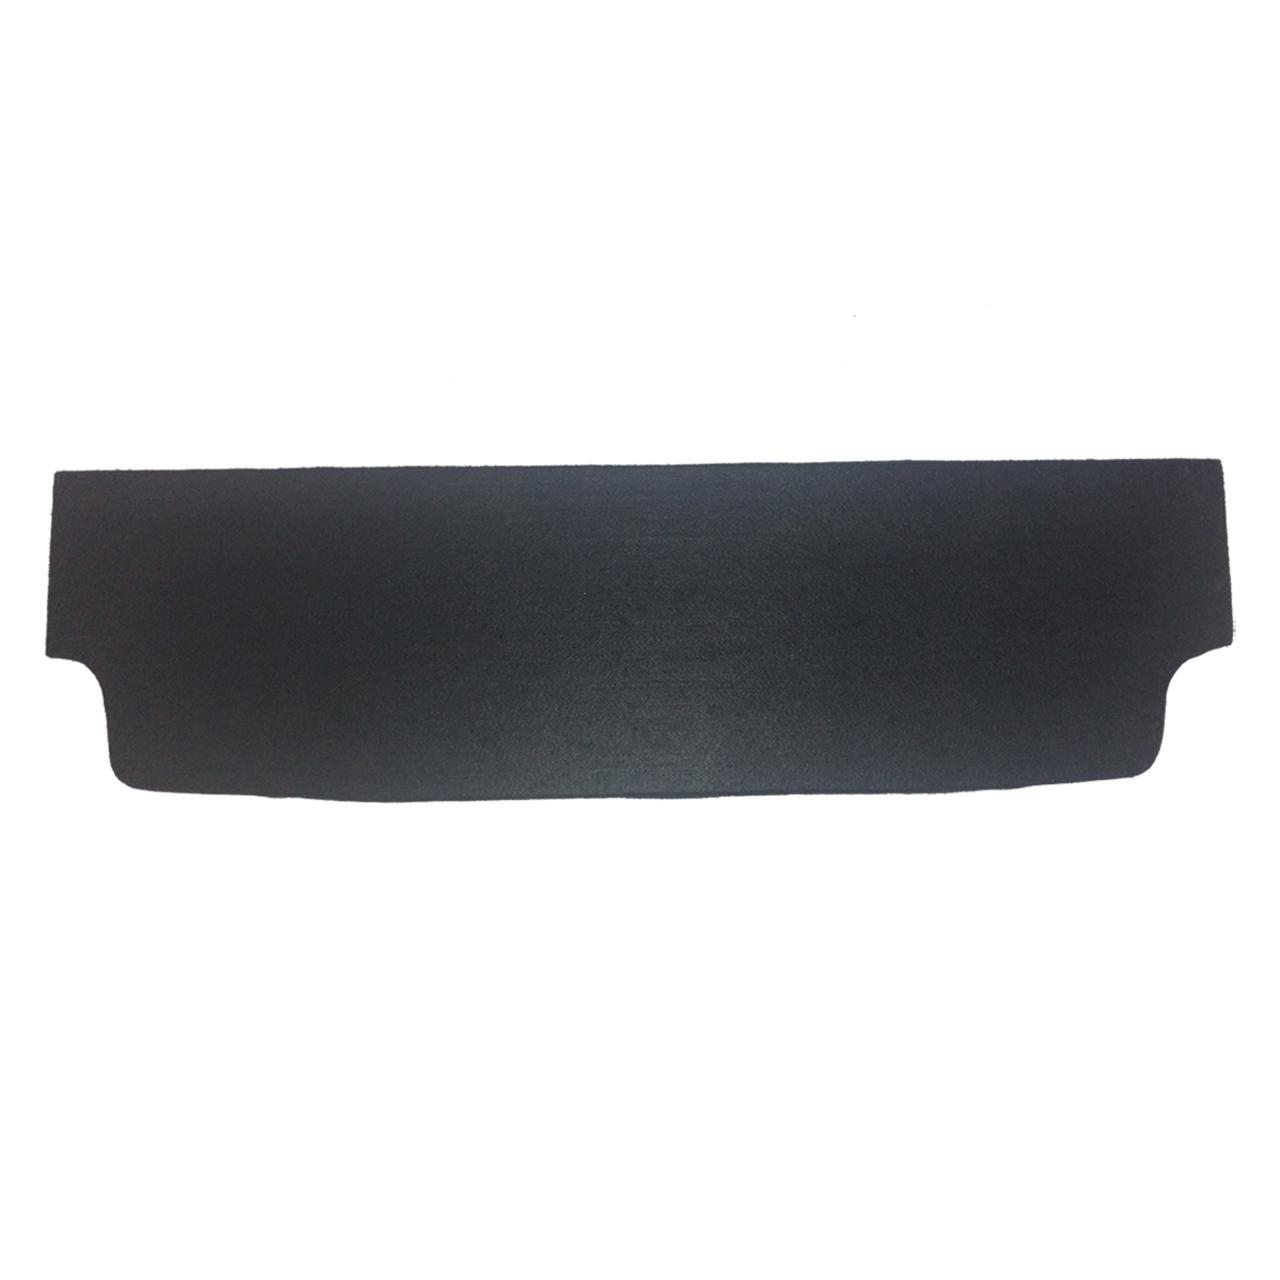 طاقچه عقب خودرو مدل Pr111 مناسب برای پراید هاچ بک